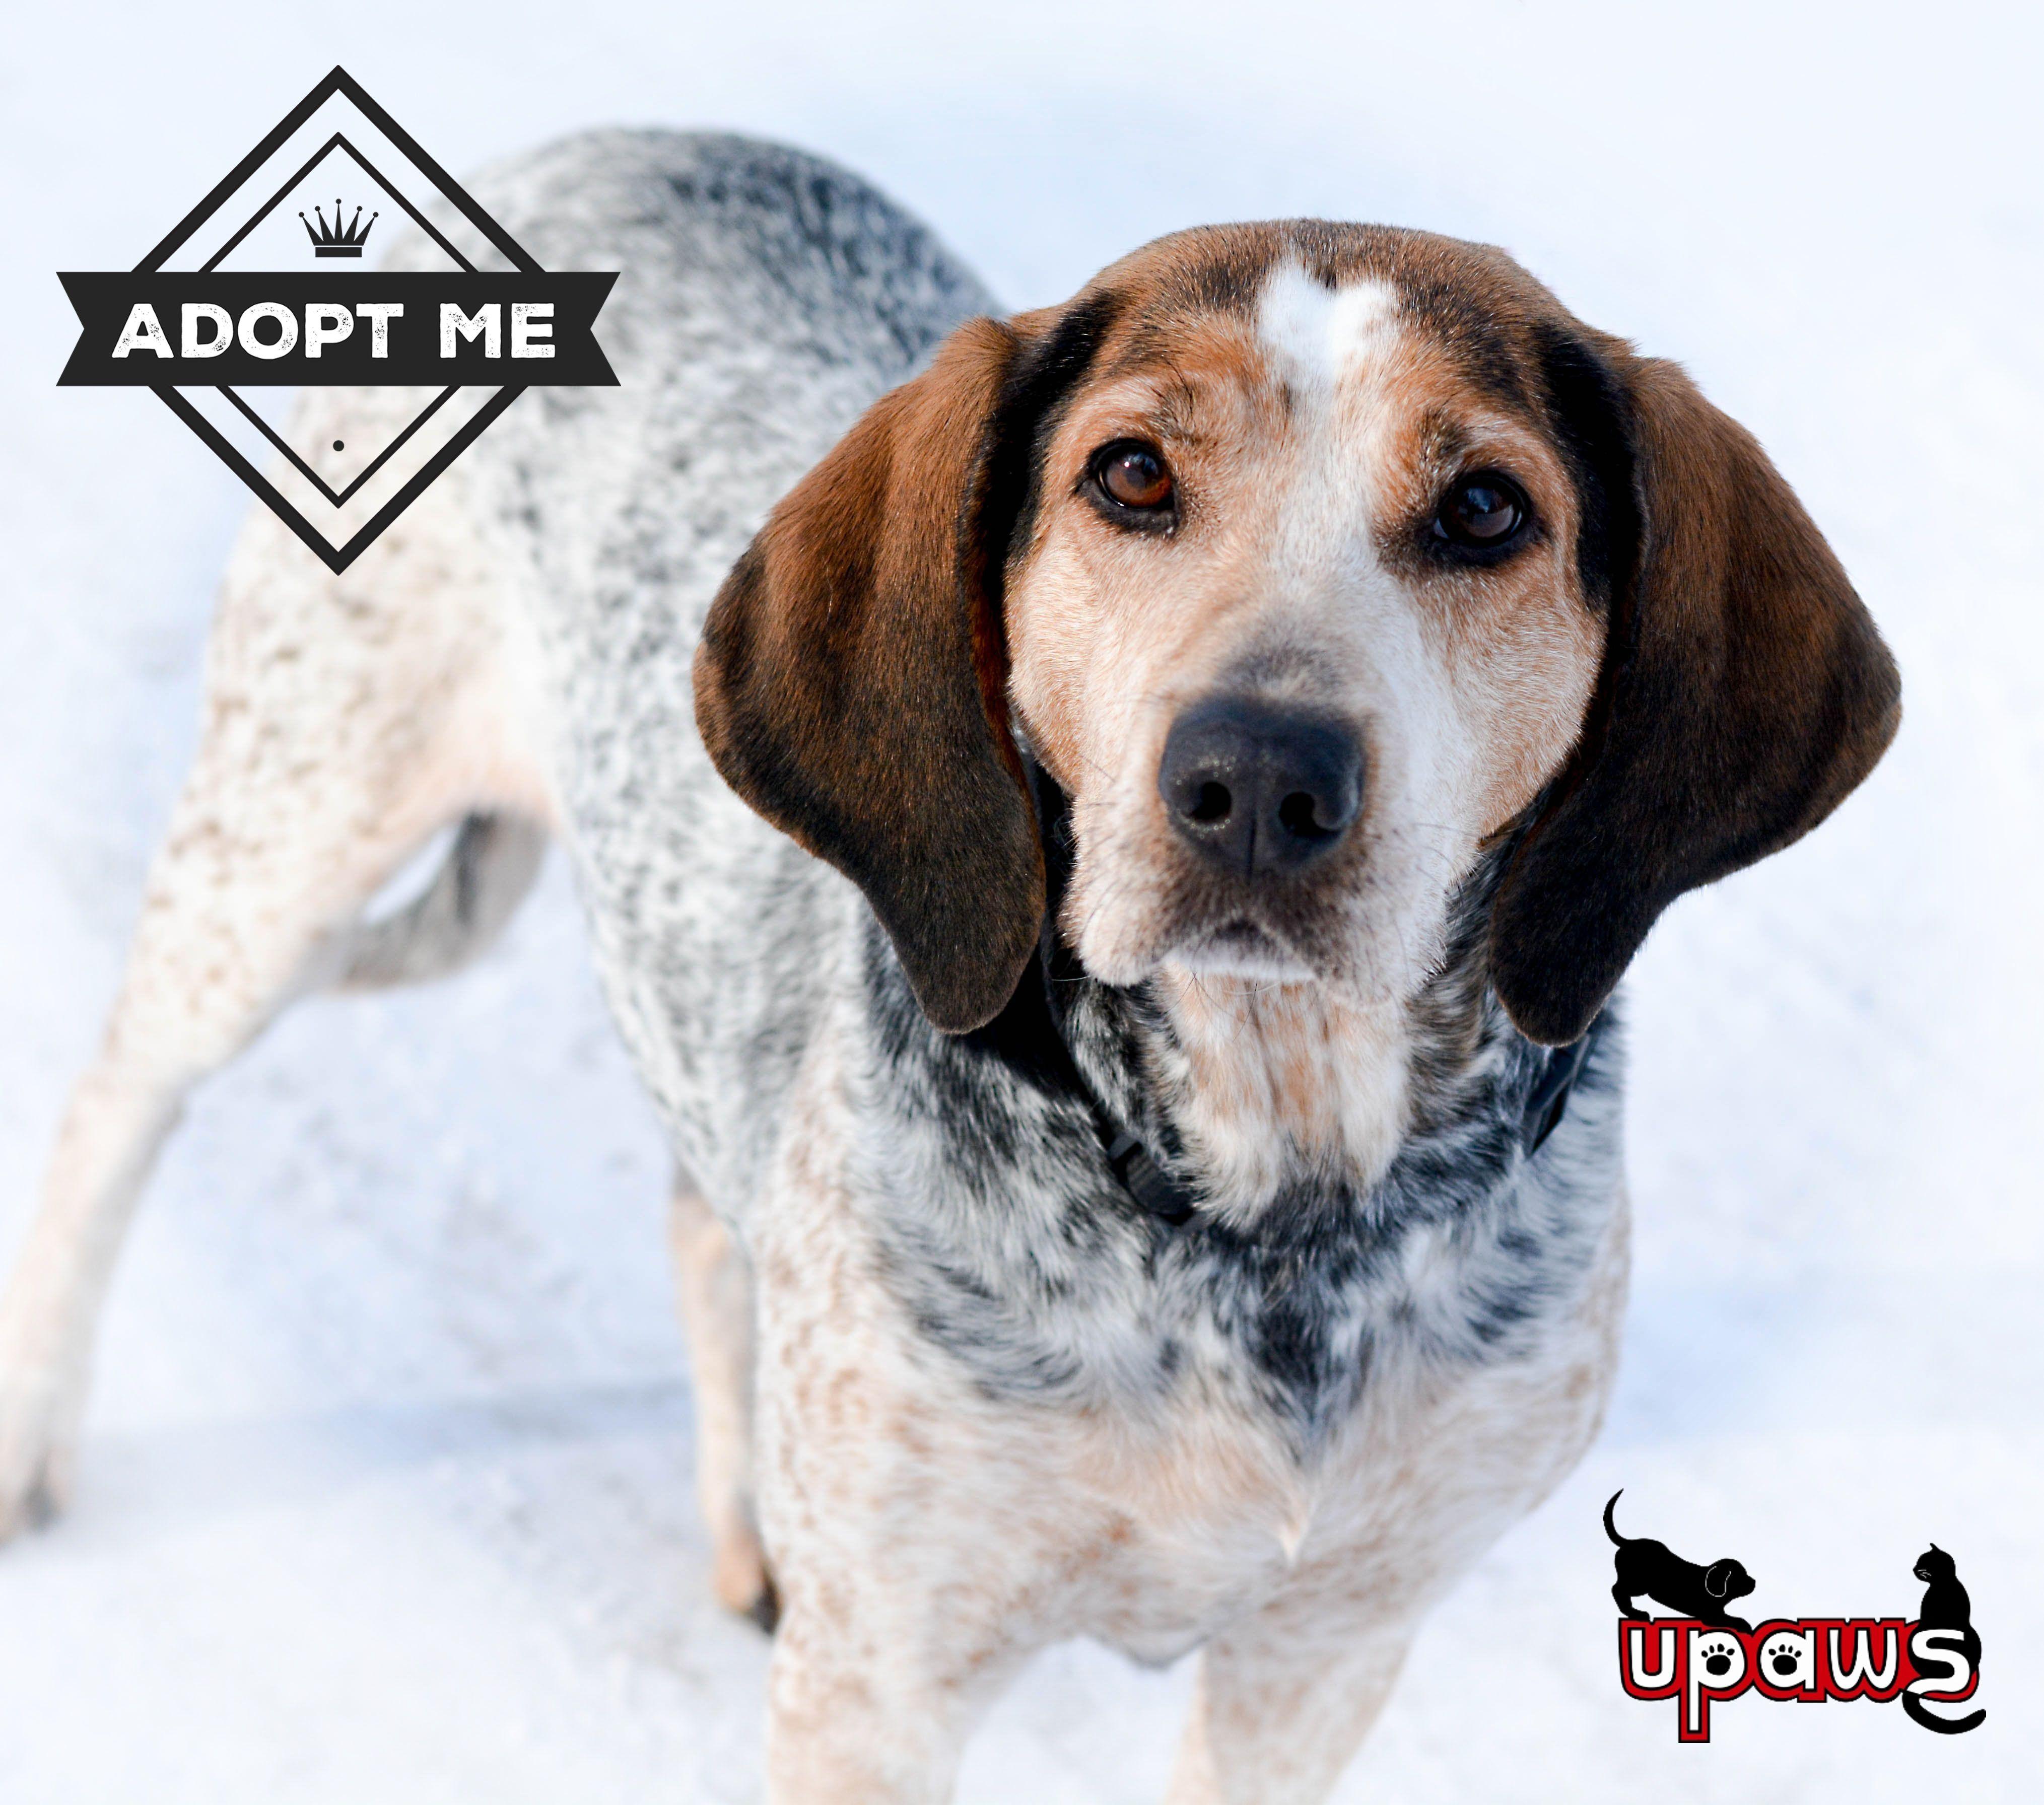 English Coonhound dog for Adoption in Negaunee, MI. ADN